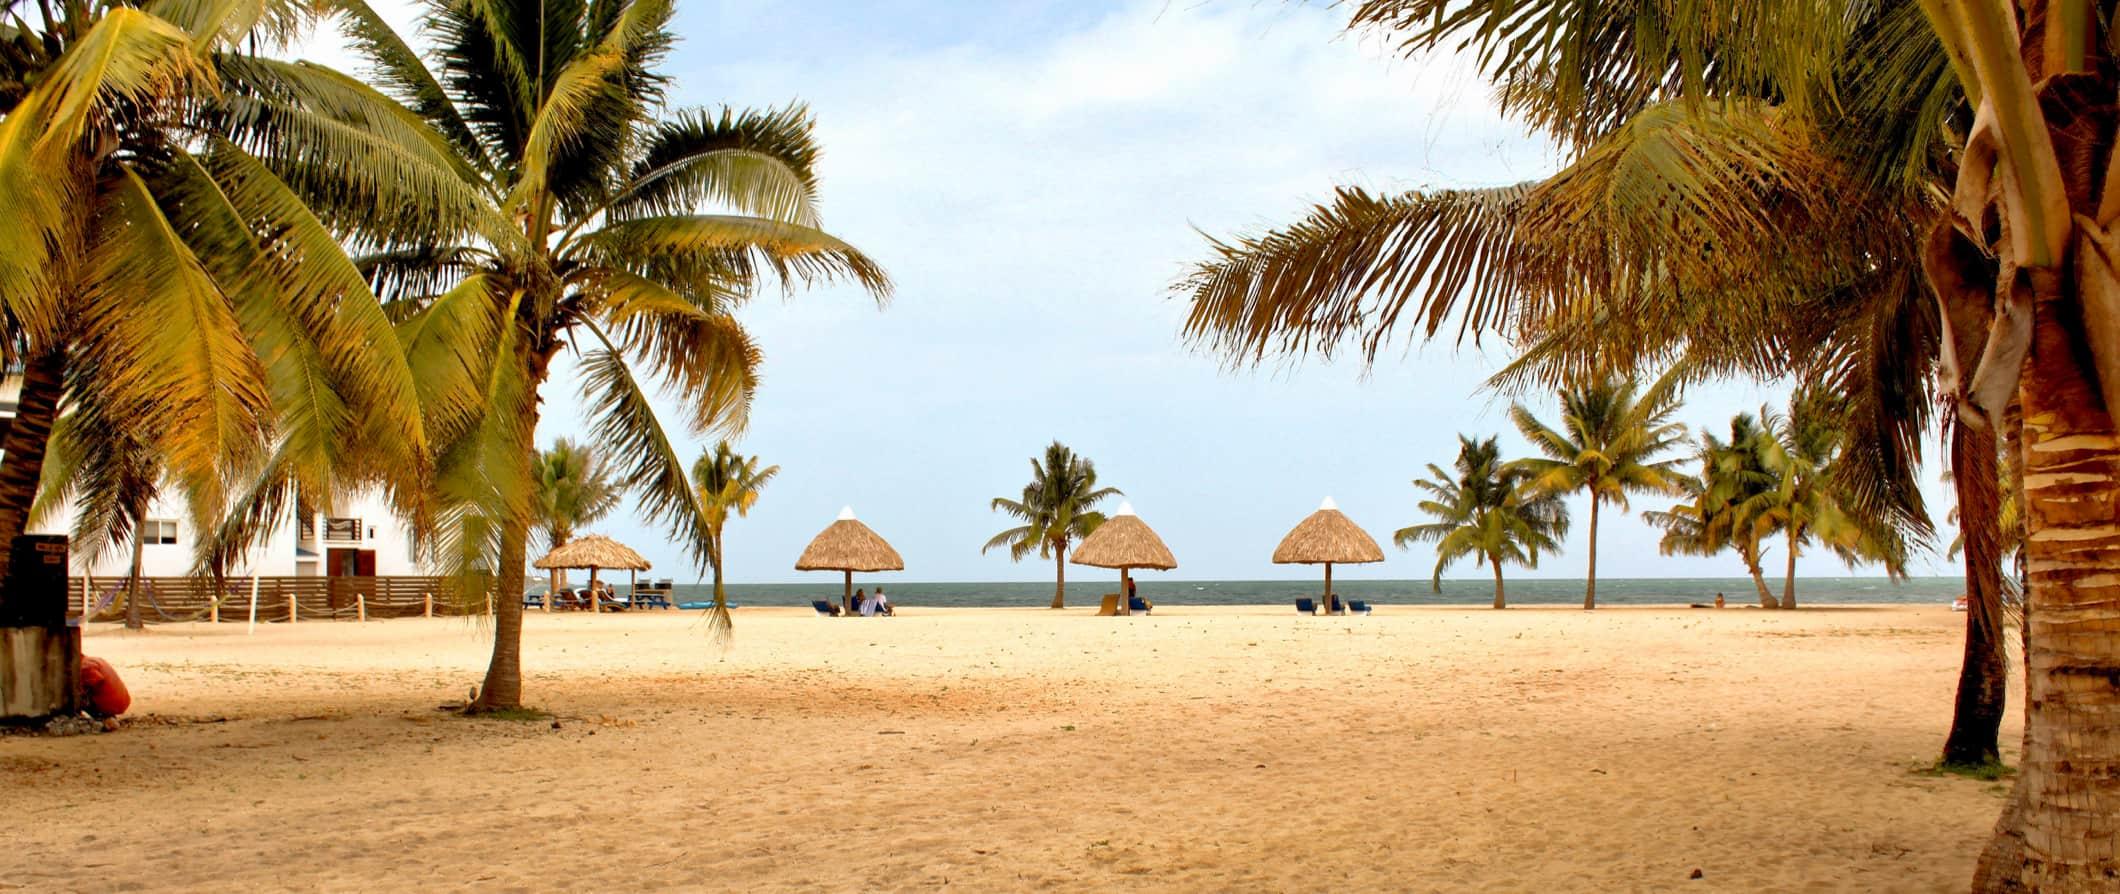 A beach scene in Placencia, Belize